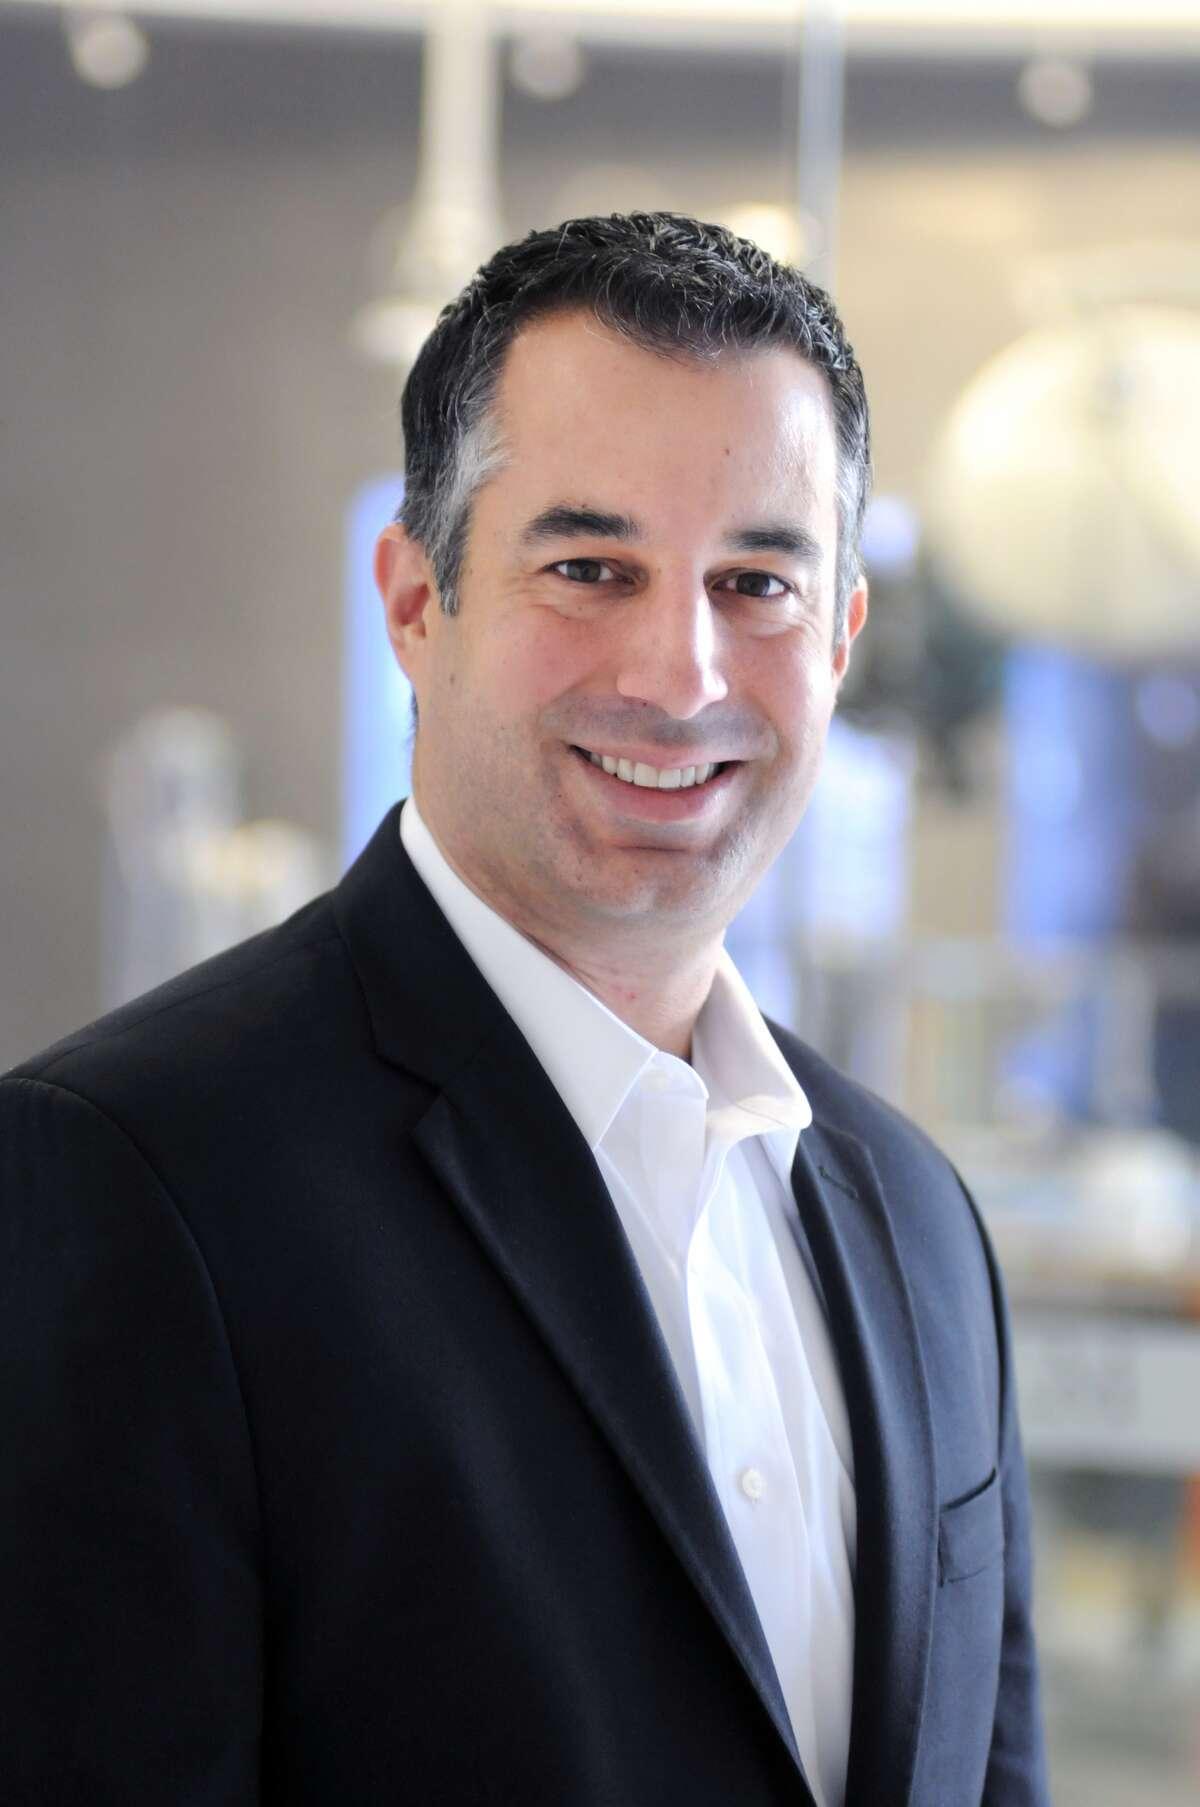 El doctor Joseph Petrosino, de la Facultad de Medicina de Baylor en Houston.